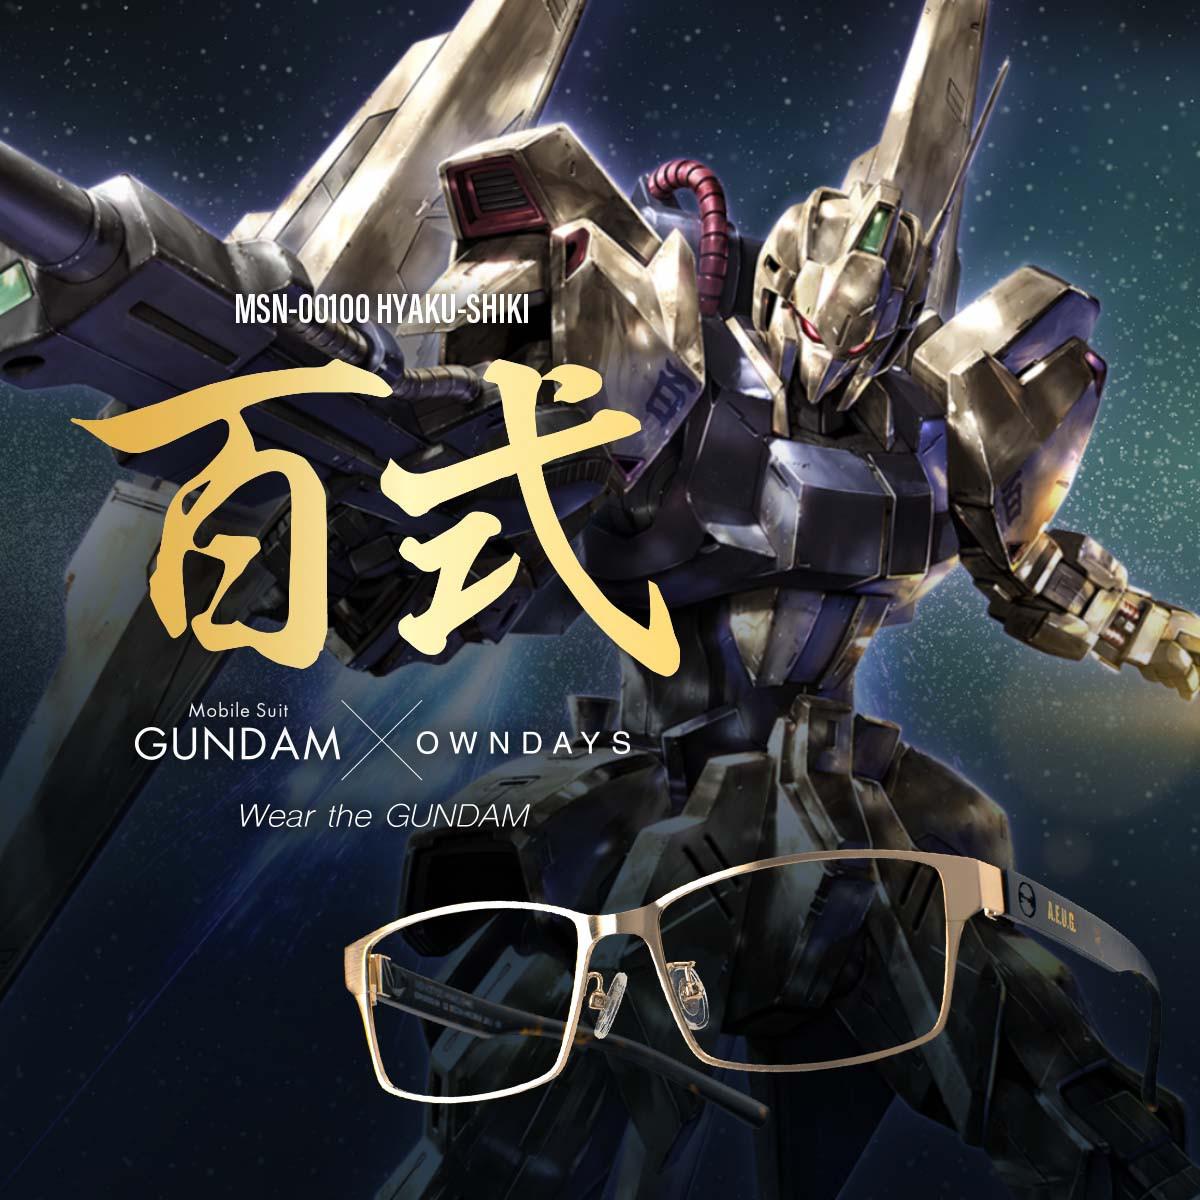 ガンダムコラボシリーズ第4弾【ガンダム × OWNDAYS】 百式